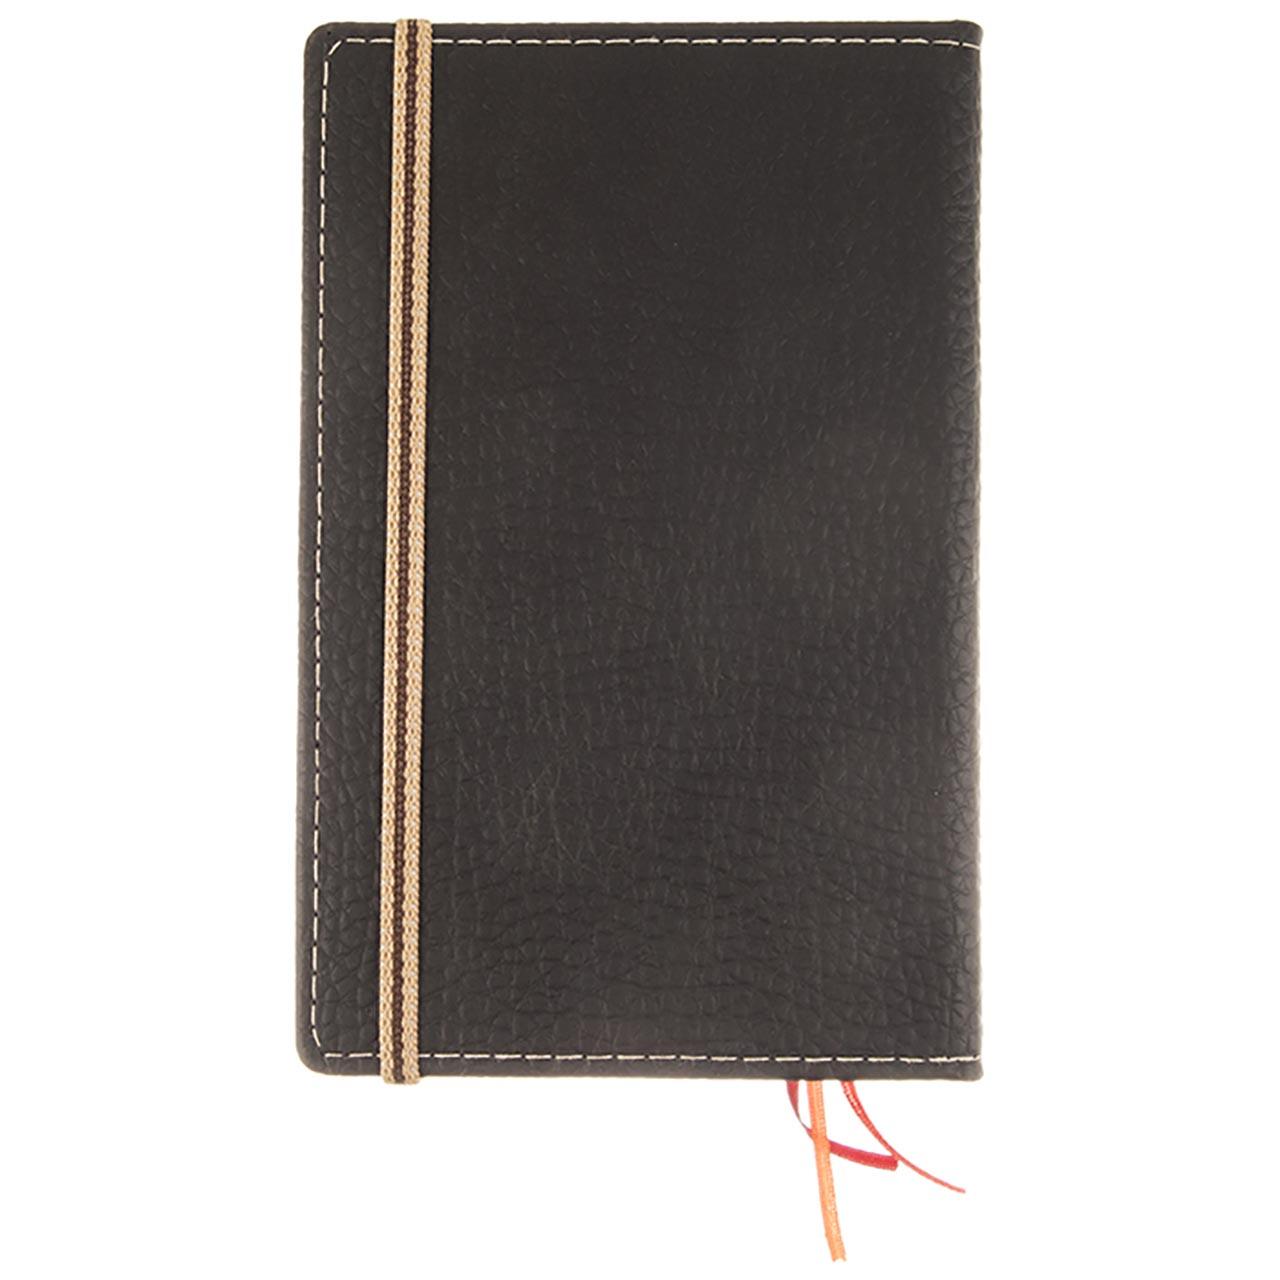 دفتر یادداشت ایده مدل 21400